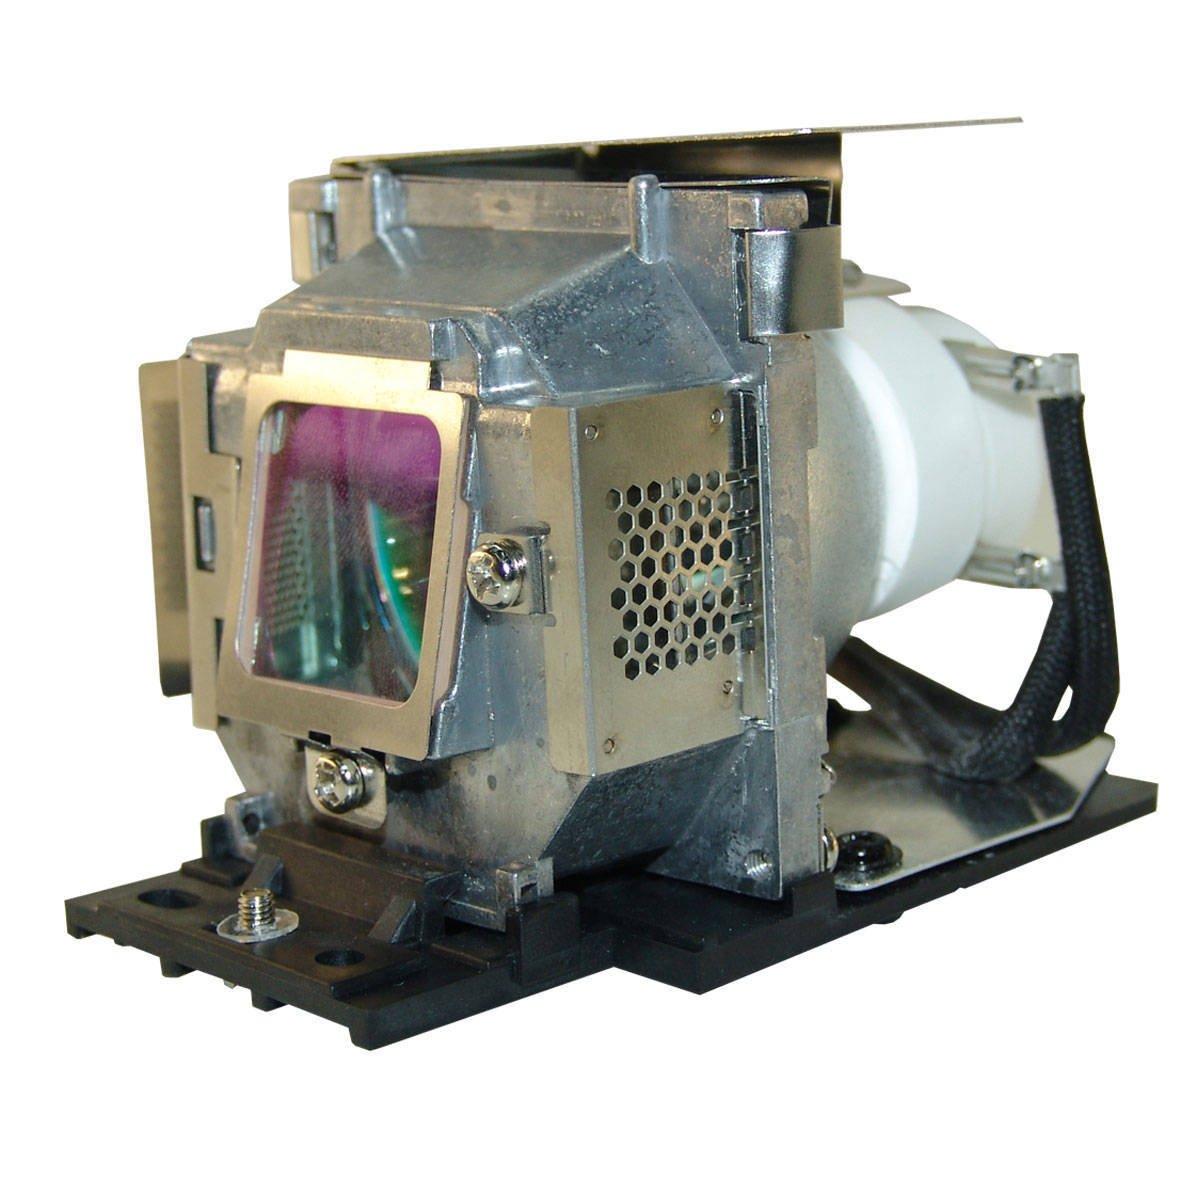 FIランプ互換ランプ: IN104 (SP-LAMP-061) - B007W7X7FE